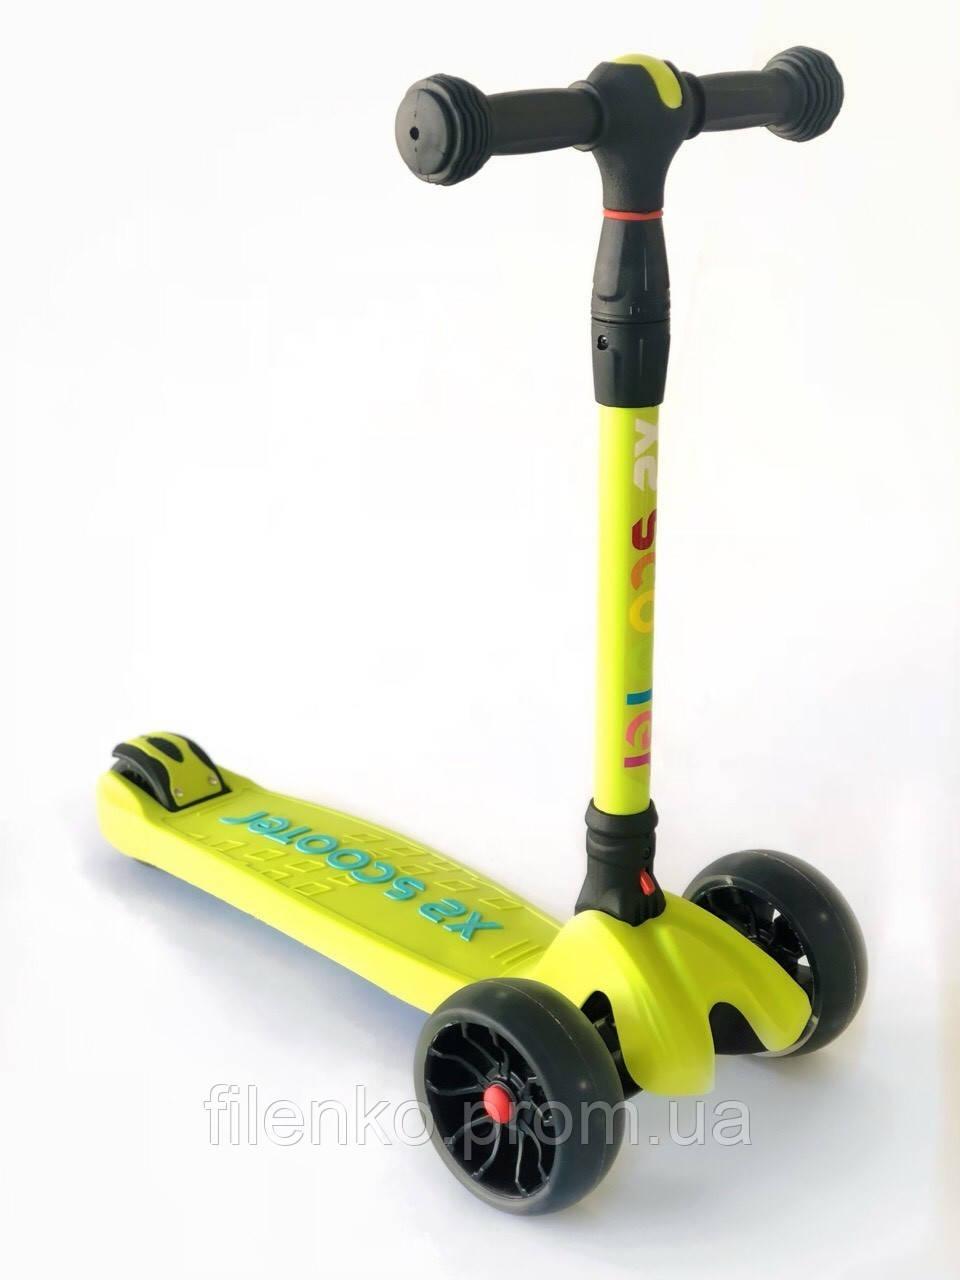 Самокат дитячий Scooter NEW з підсвічуванням коліс HH24A Жовтий